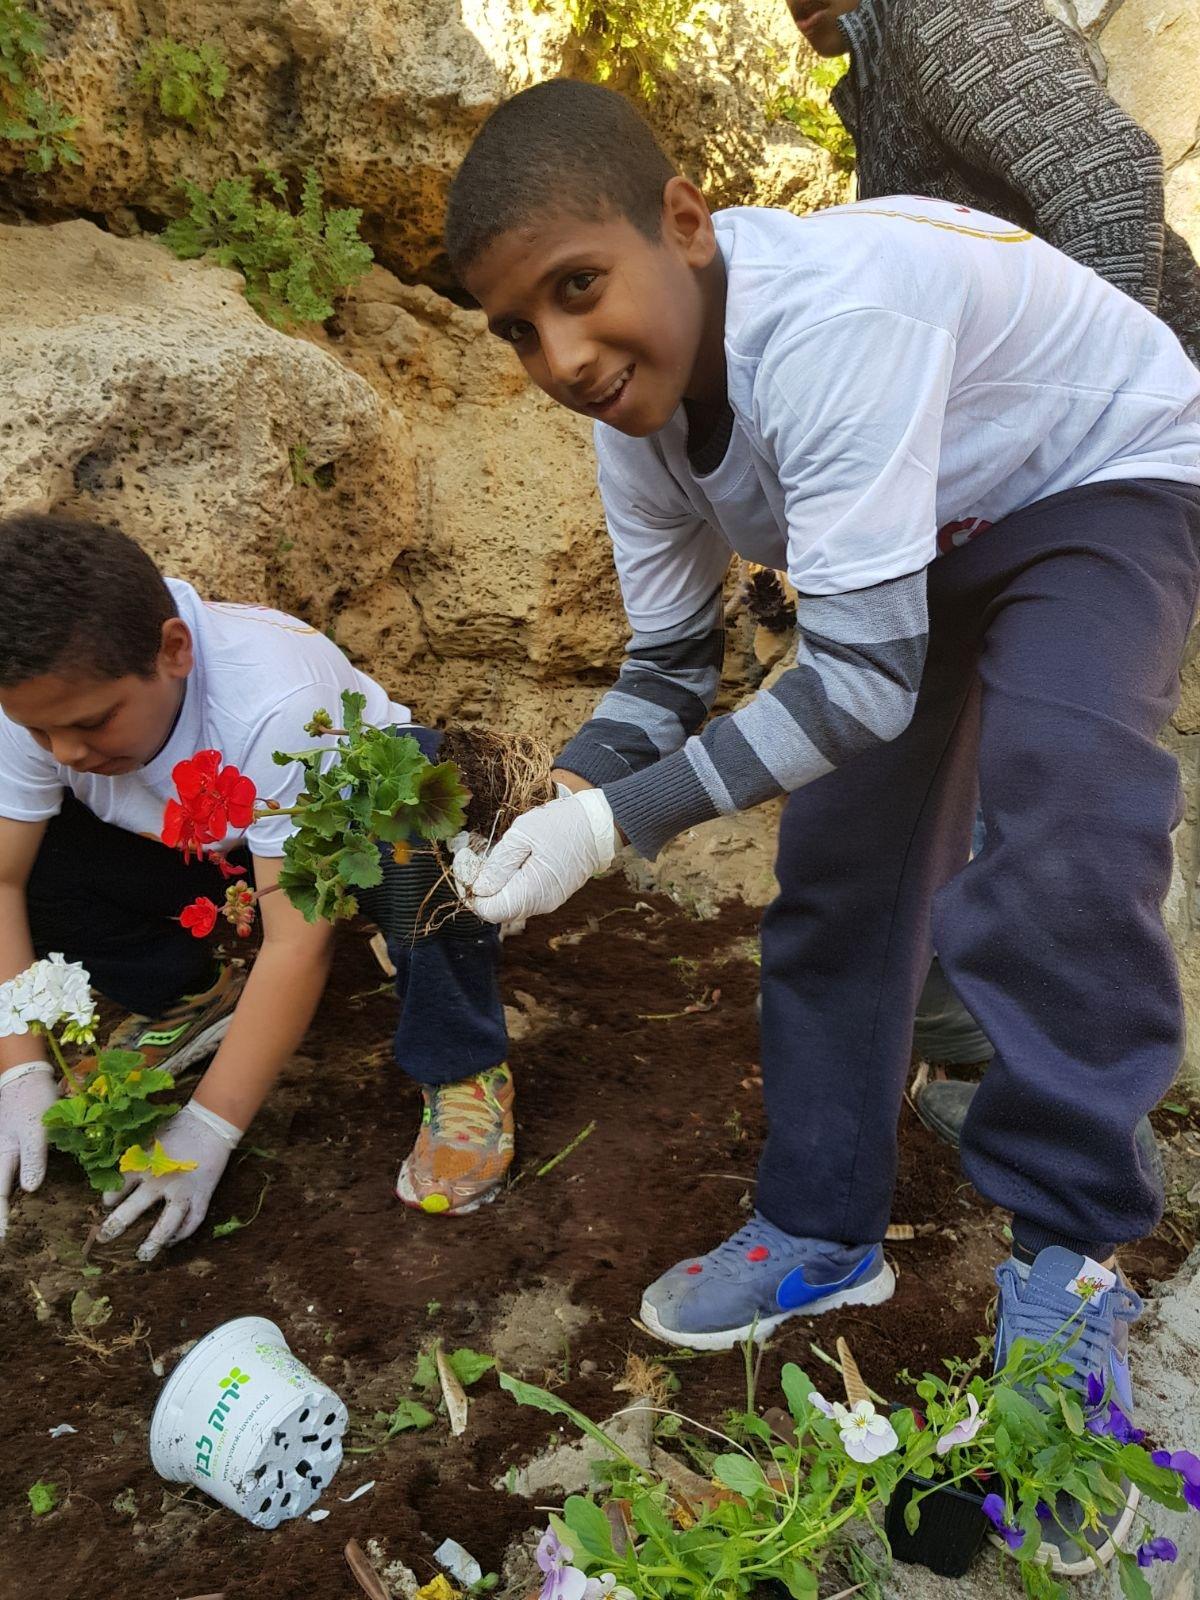 بمبادرة جمعيتي بسملة والروح الطيبة: جسر الزرقاء تعُج بالأعمال الخيرية